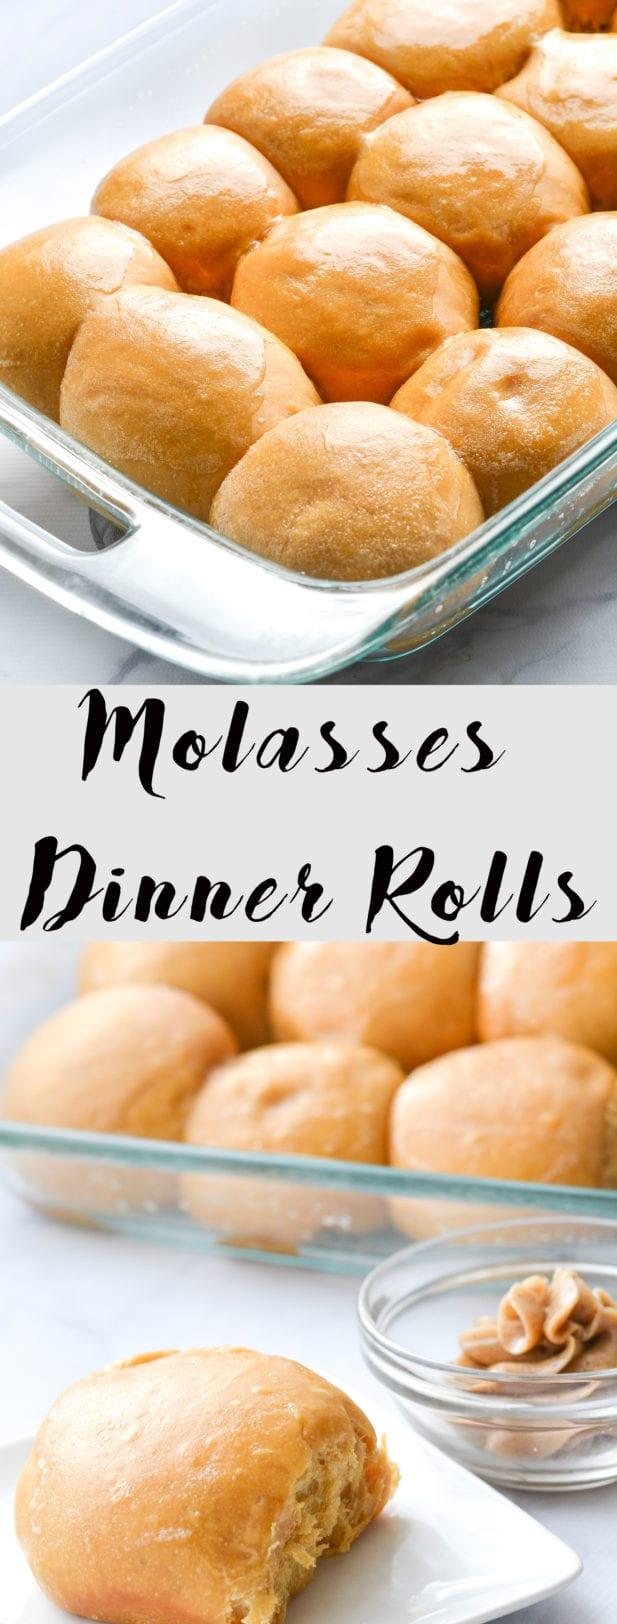 Molasses Dinner Rolls